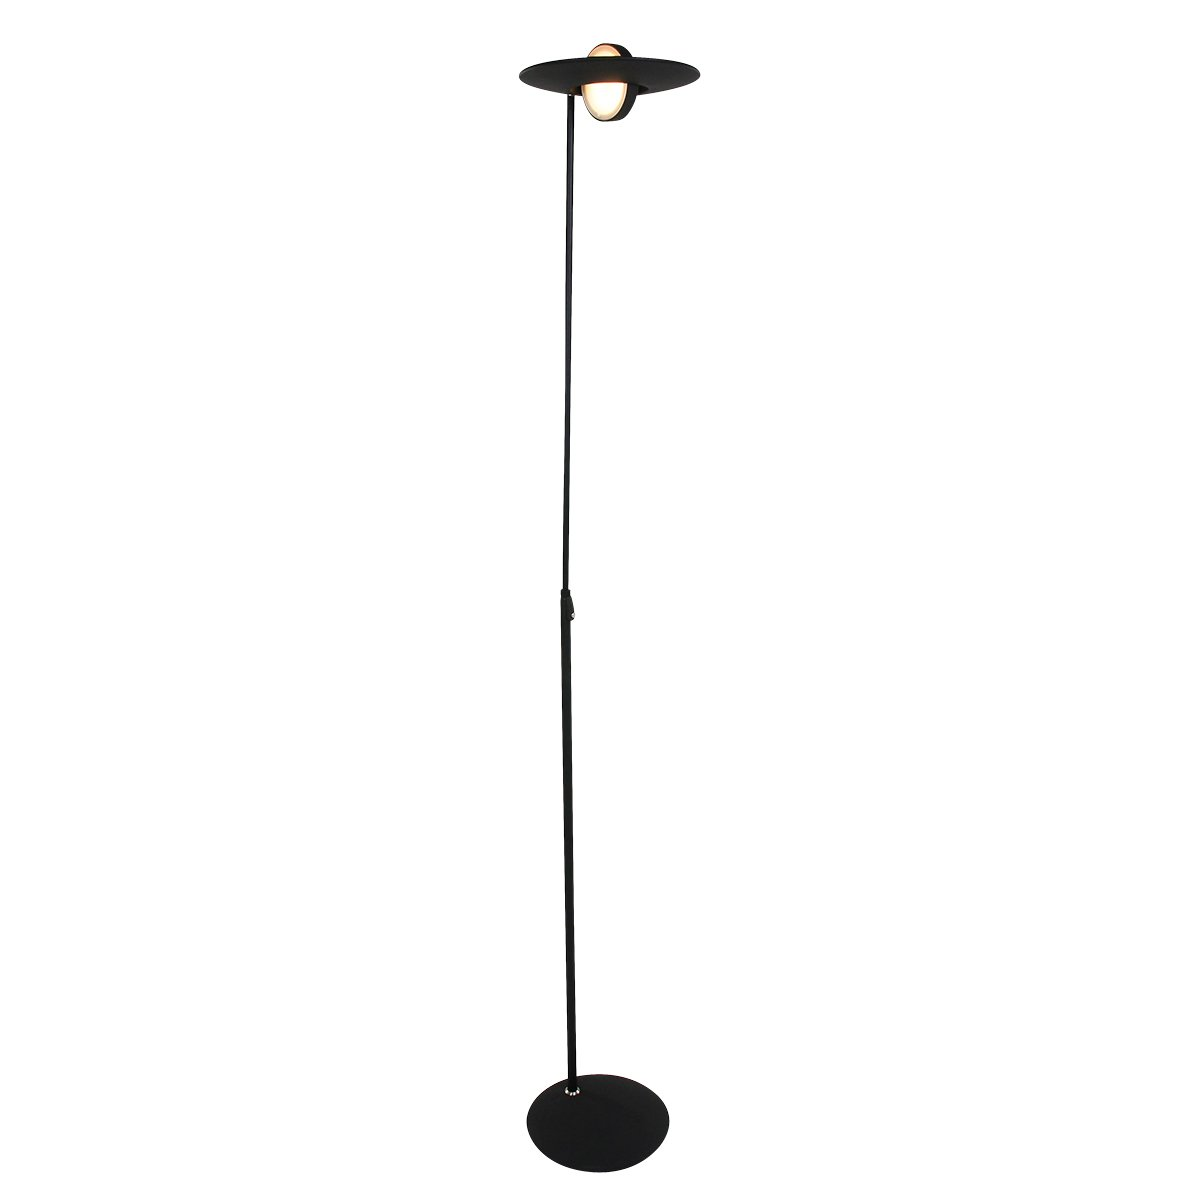 Vloerlamp Steinhauer Zenith Zwart Uplight